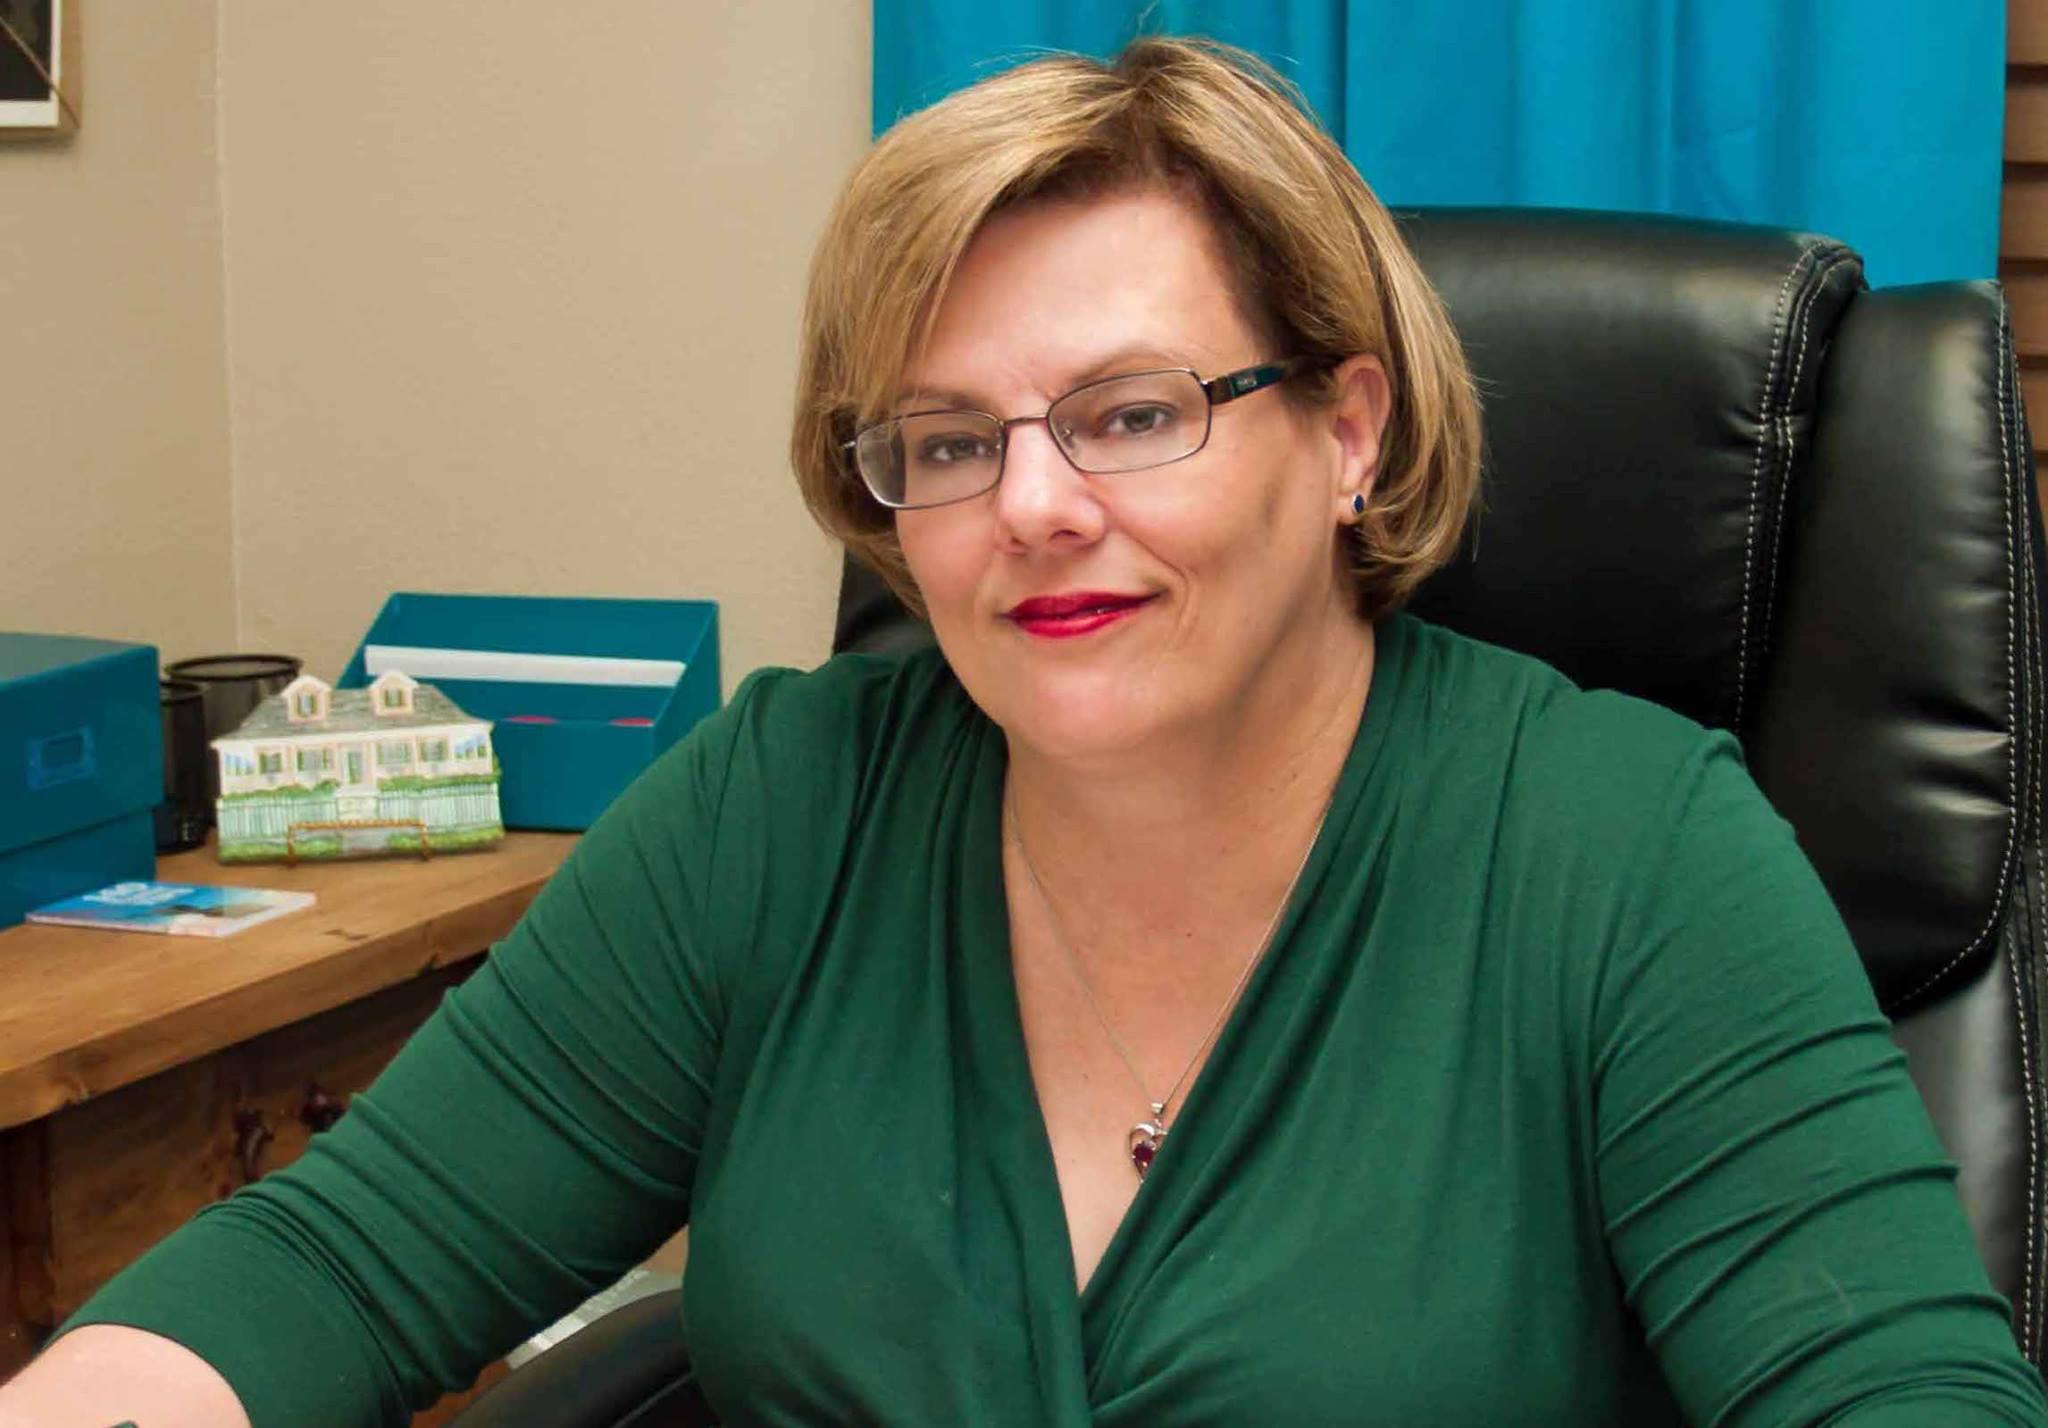 Susan Criss